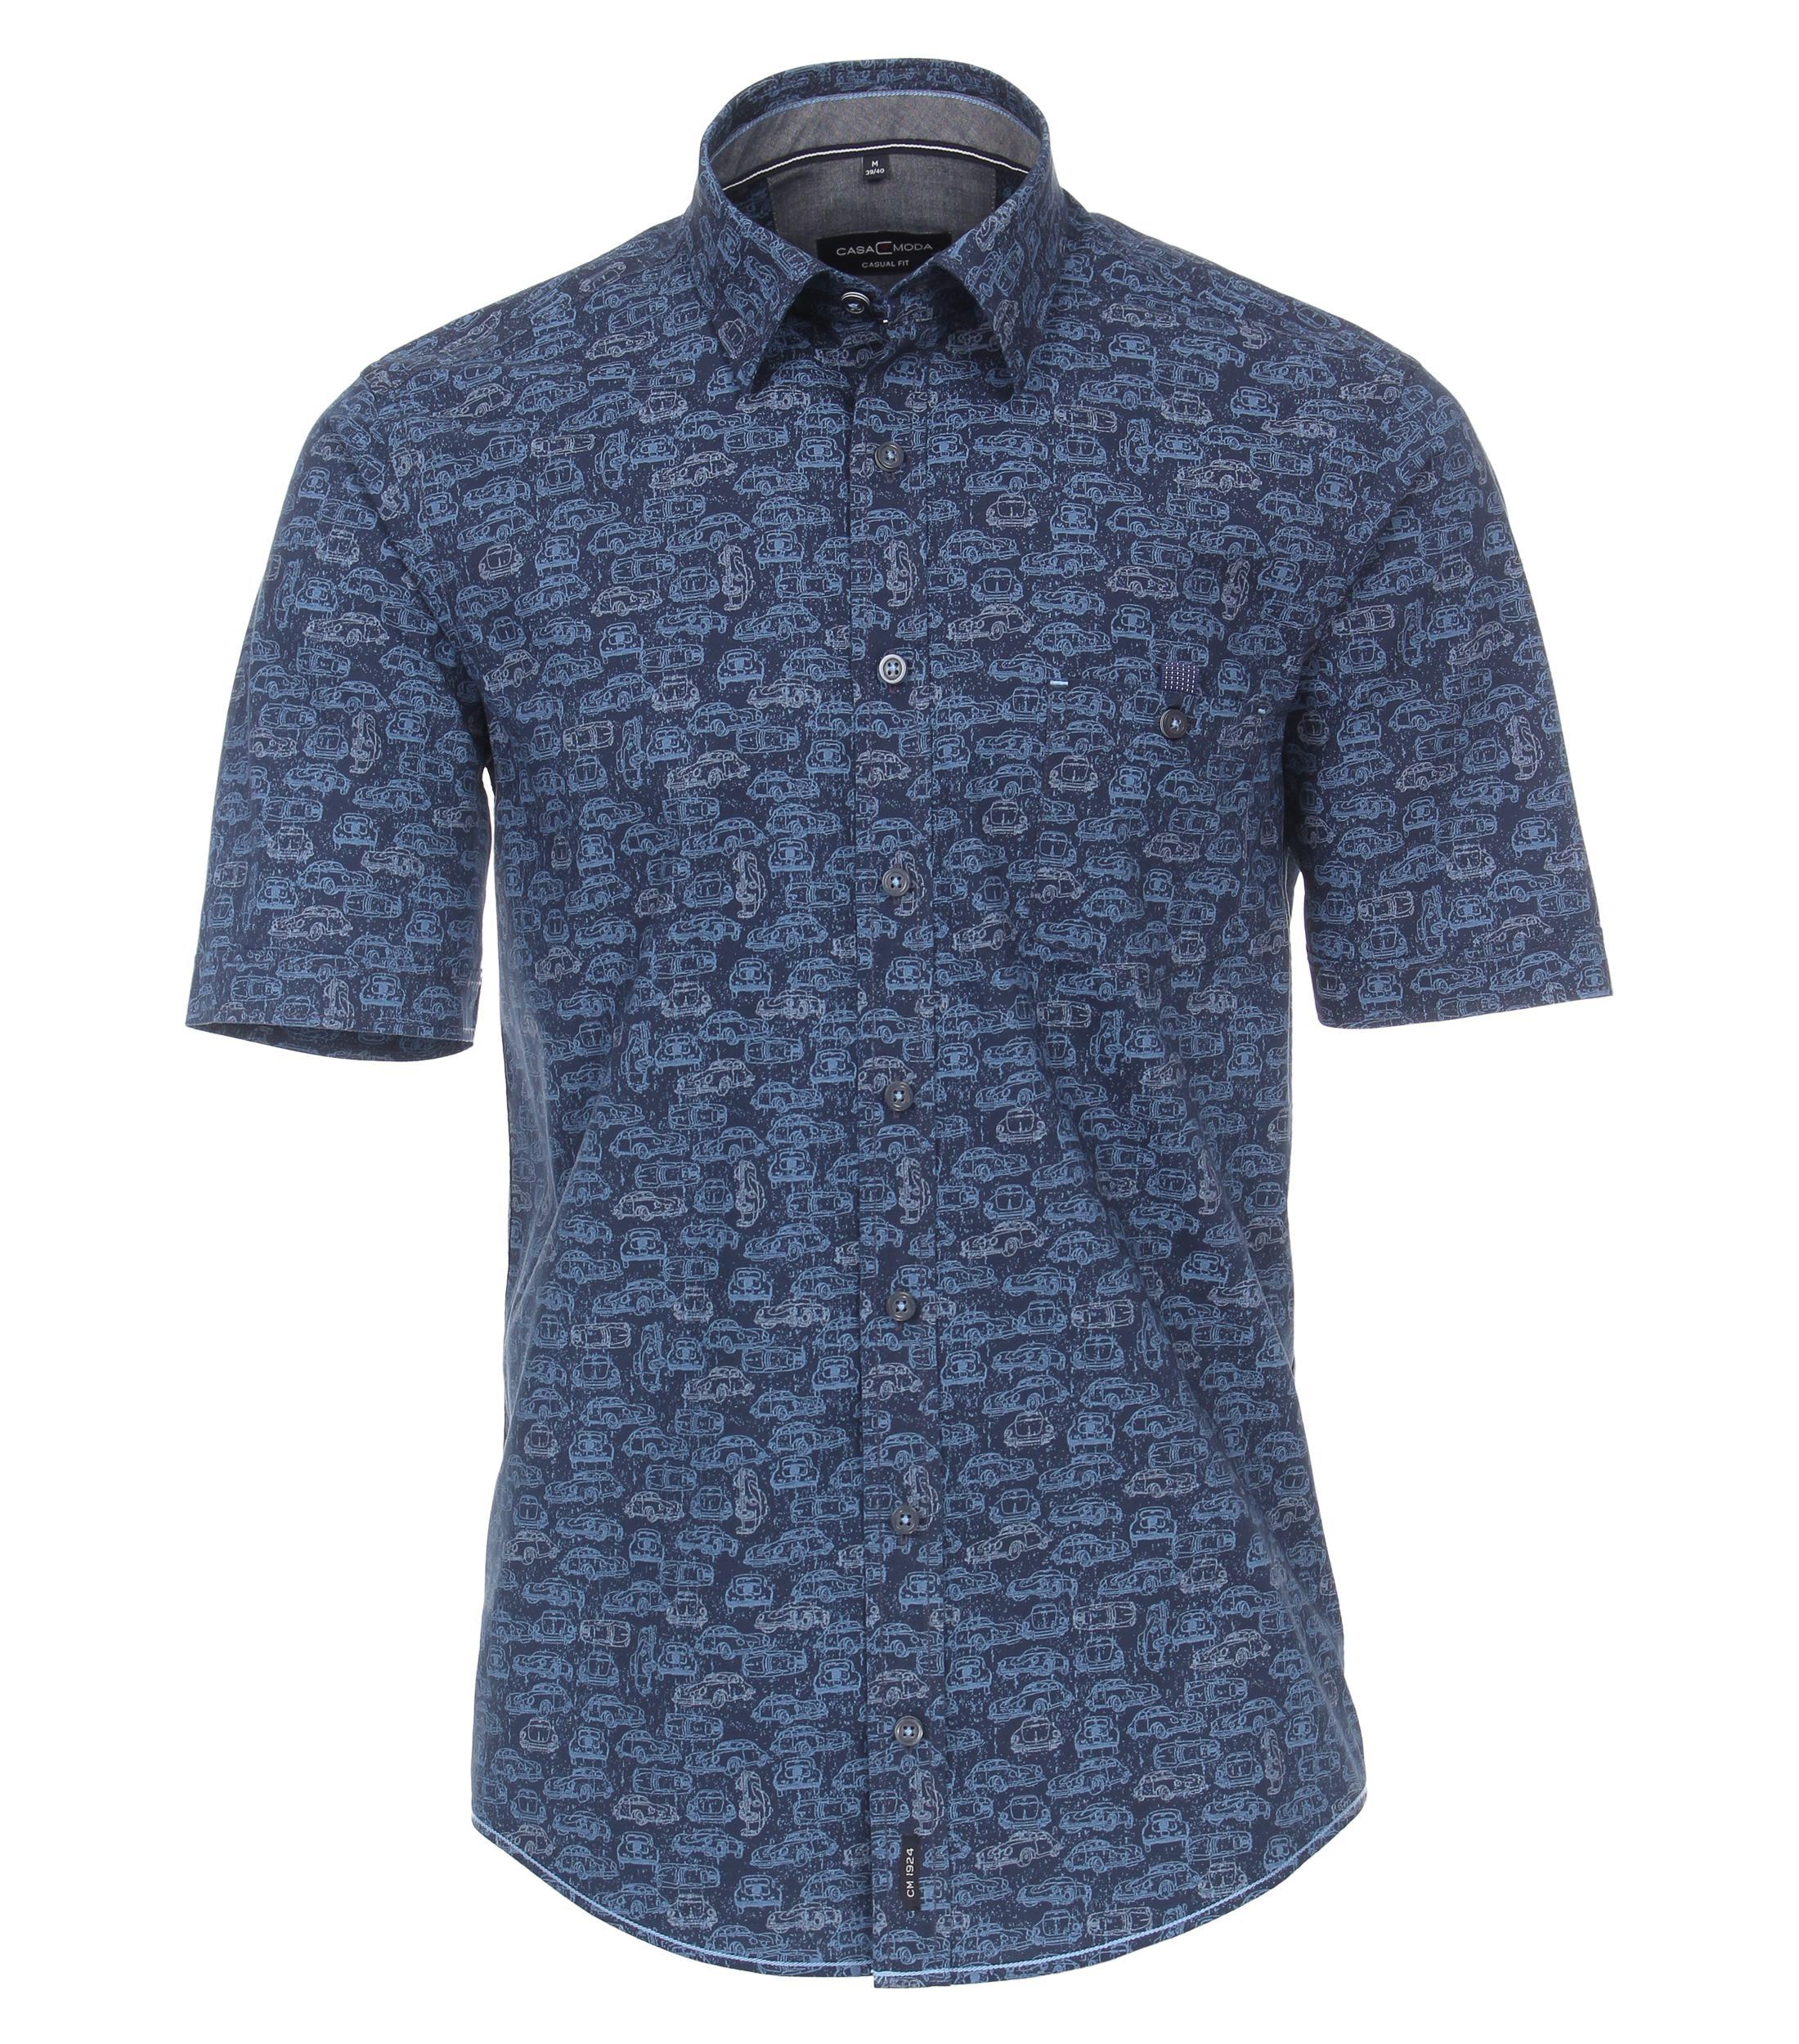 """Overhemd van merk CASA MODA in de kleur blauw, gemaakt van 100% katoen. Casa Moda """"Club"""" ; Casual fit van fine popeline cotton met een kent kraag. Superleuke """"all over"""" print met klassieke auto's."""